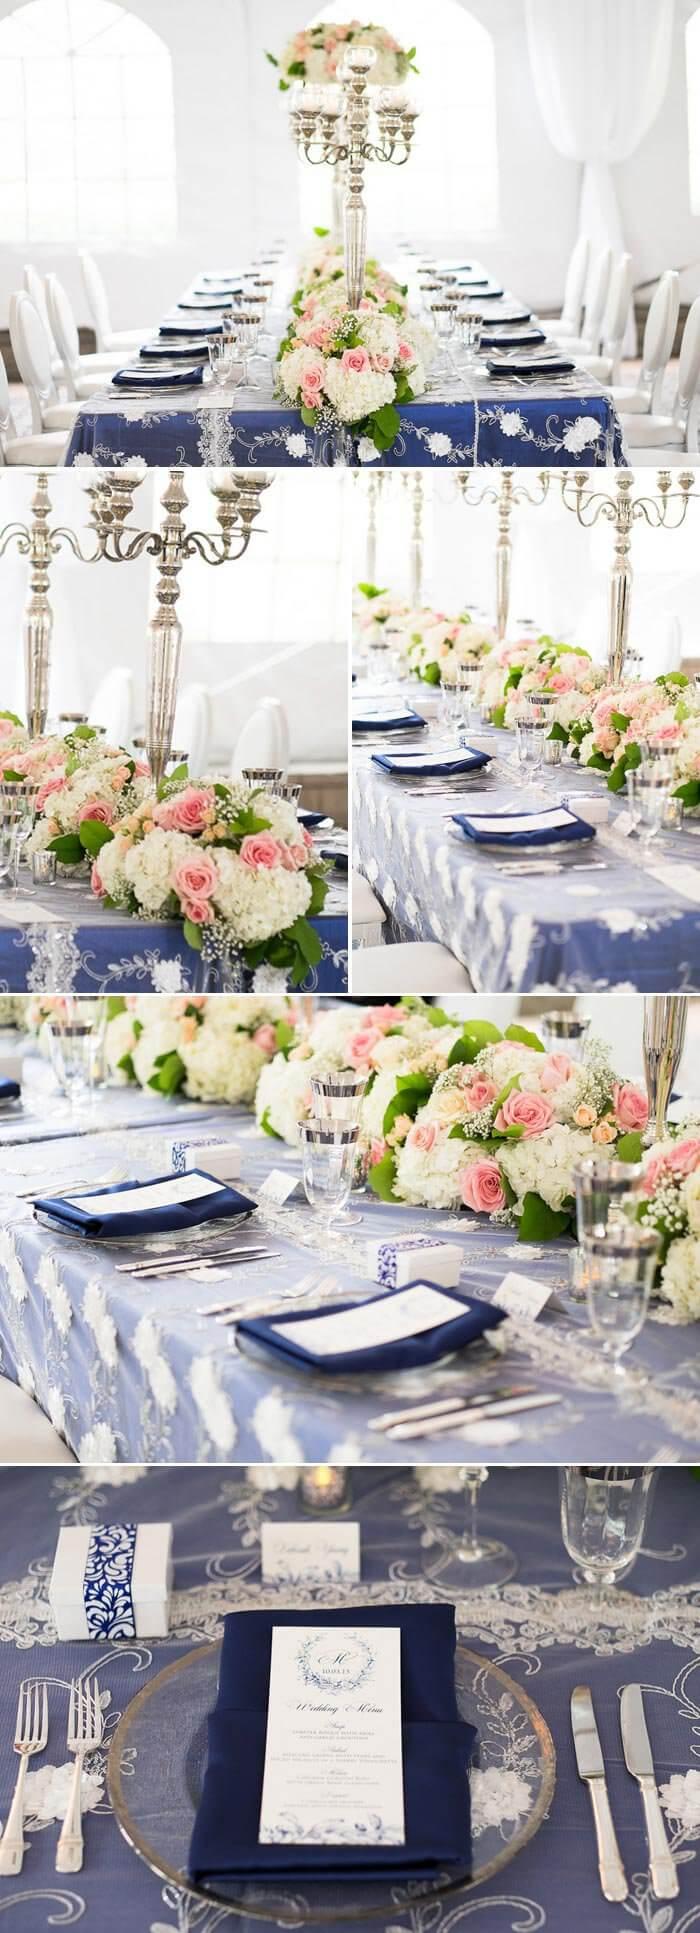 Hochzeitsdeko Blau Weiss Inspirationen Zu Den Eleganten